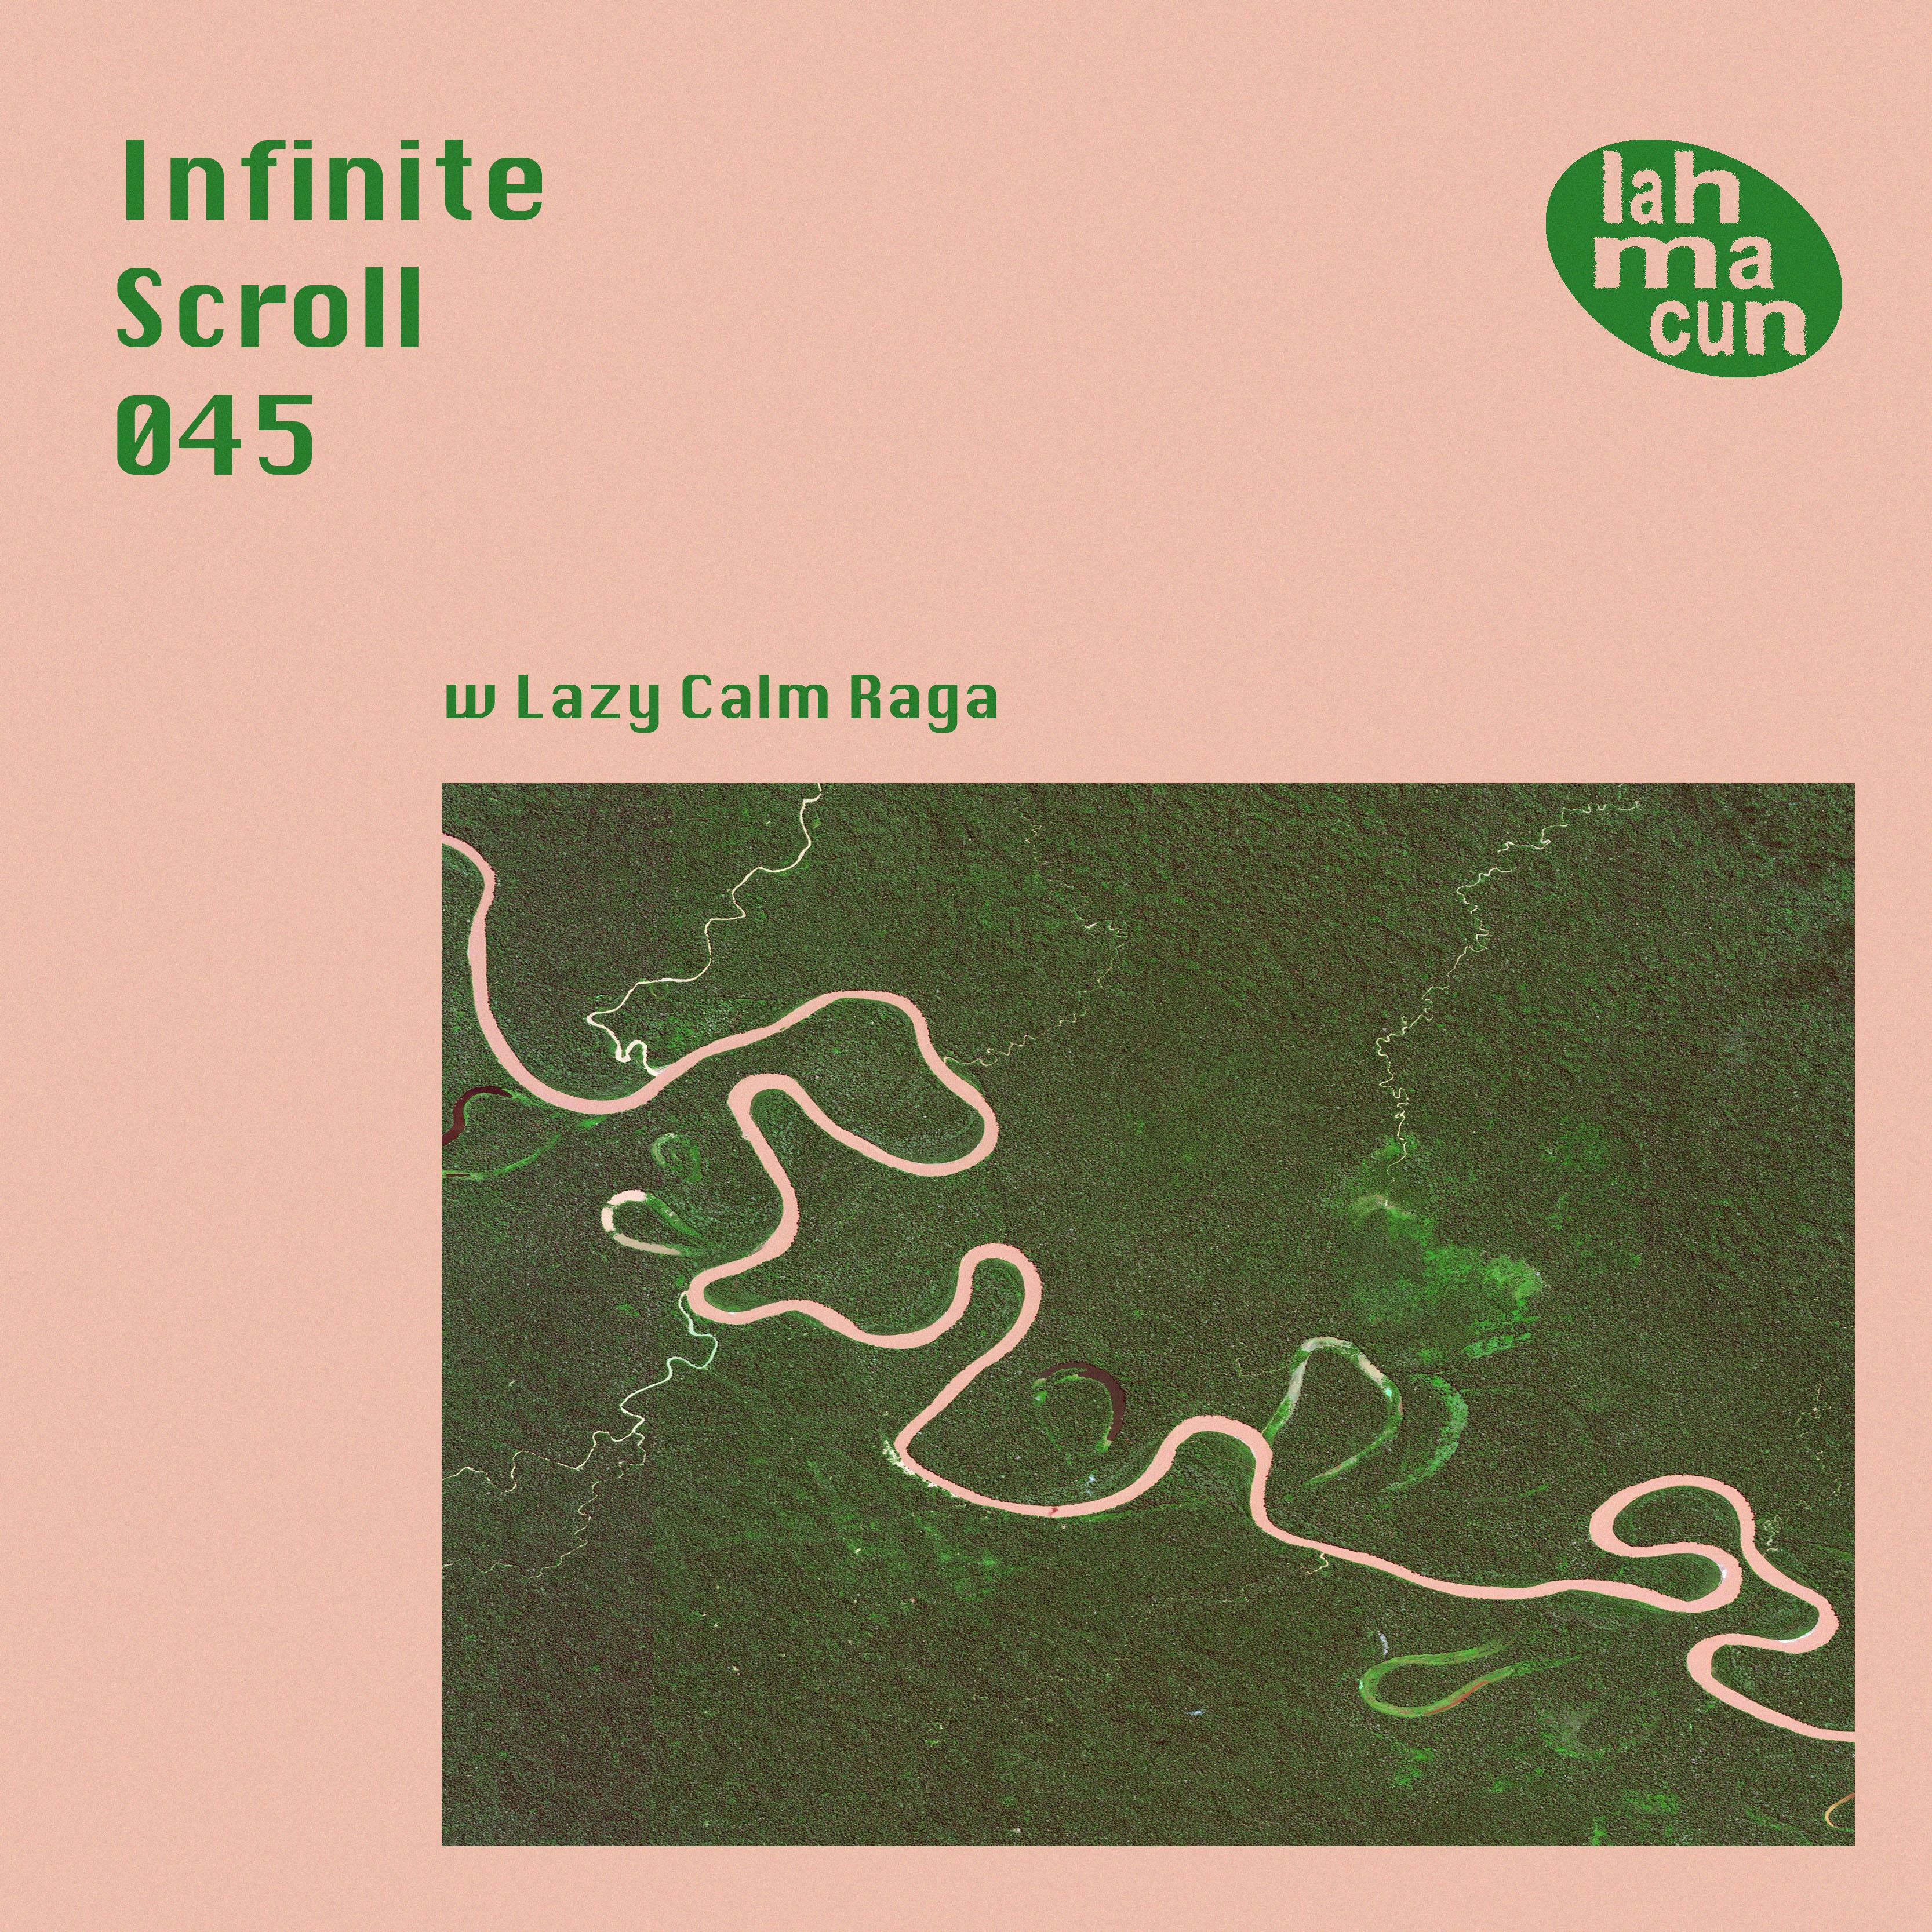 045 w Lazy Calm Raga